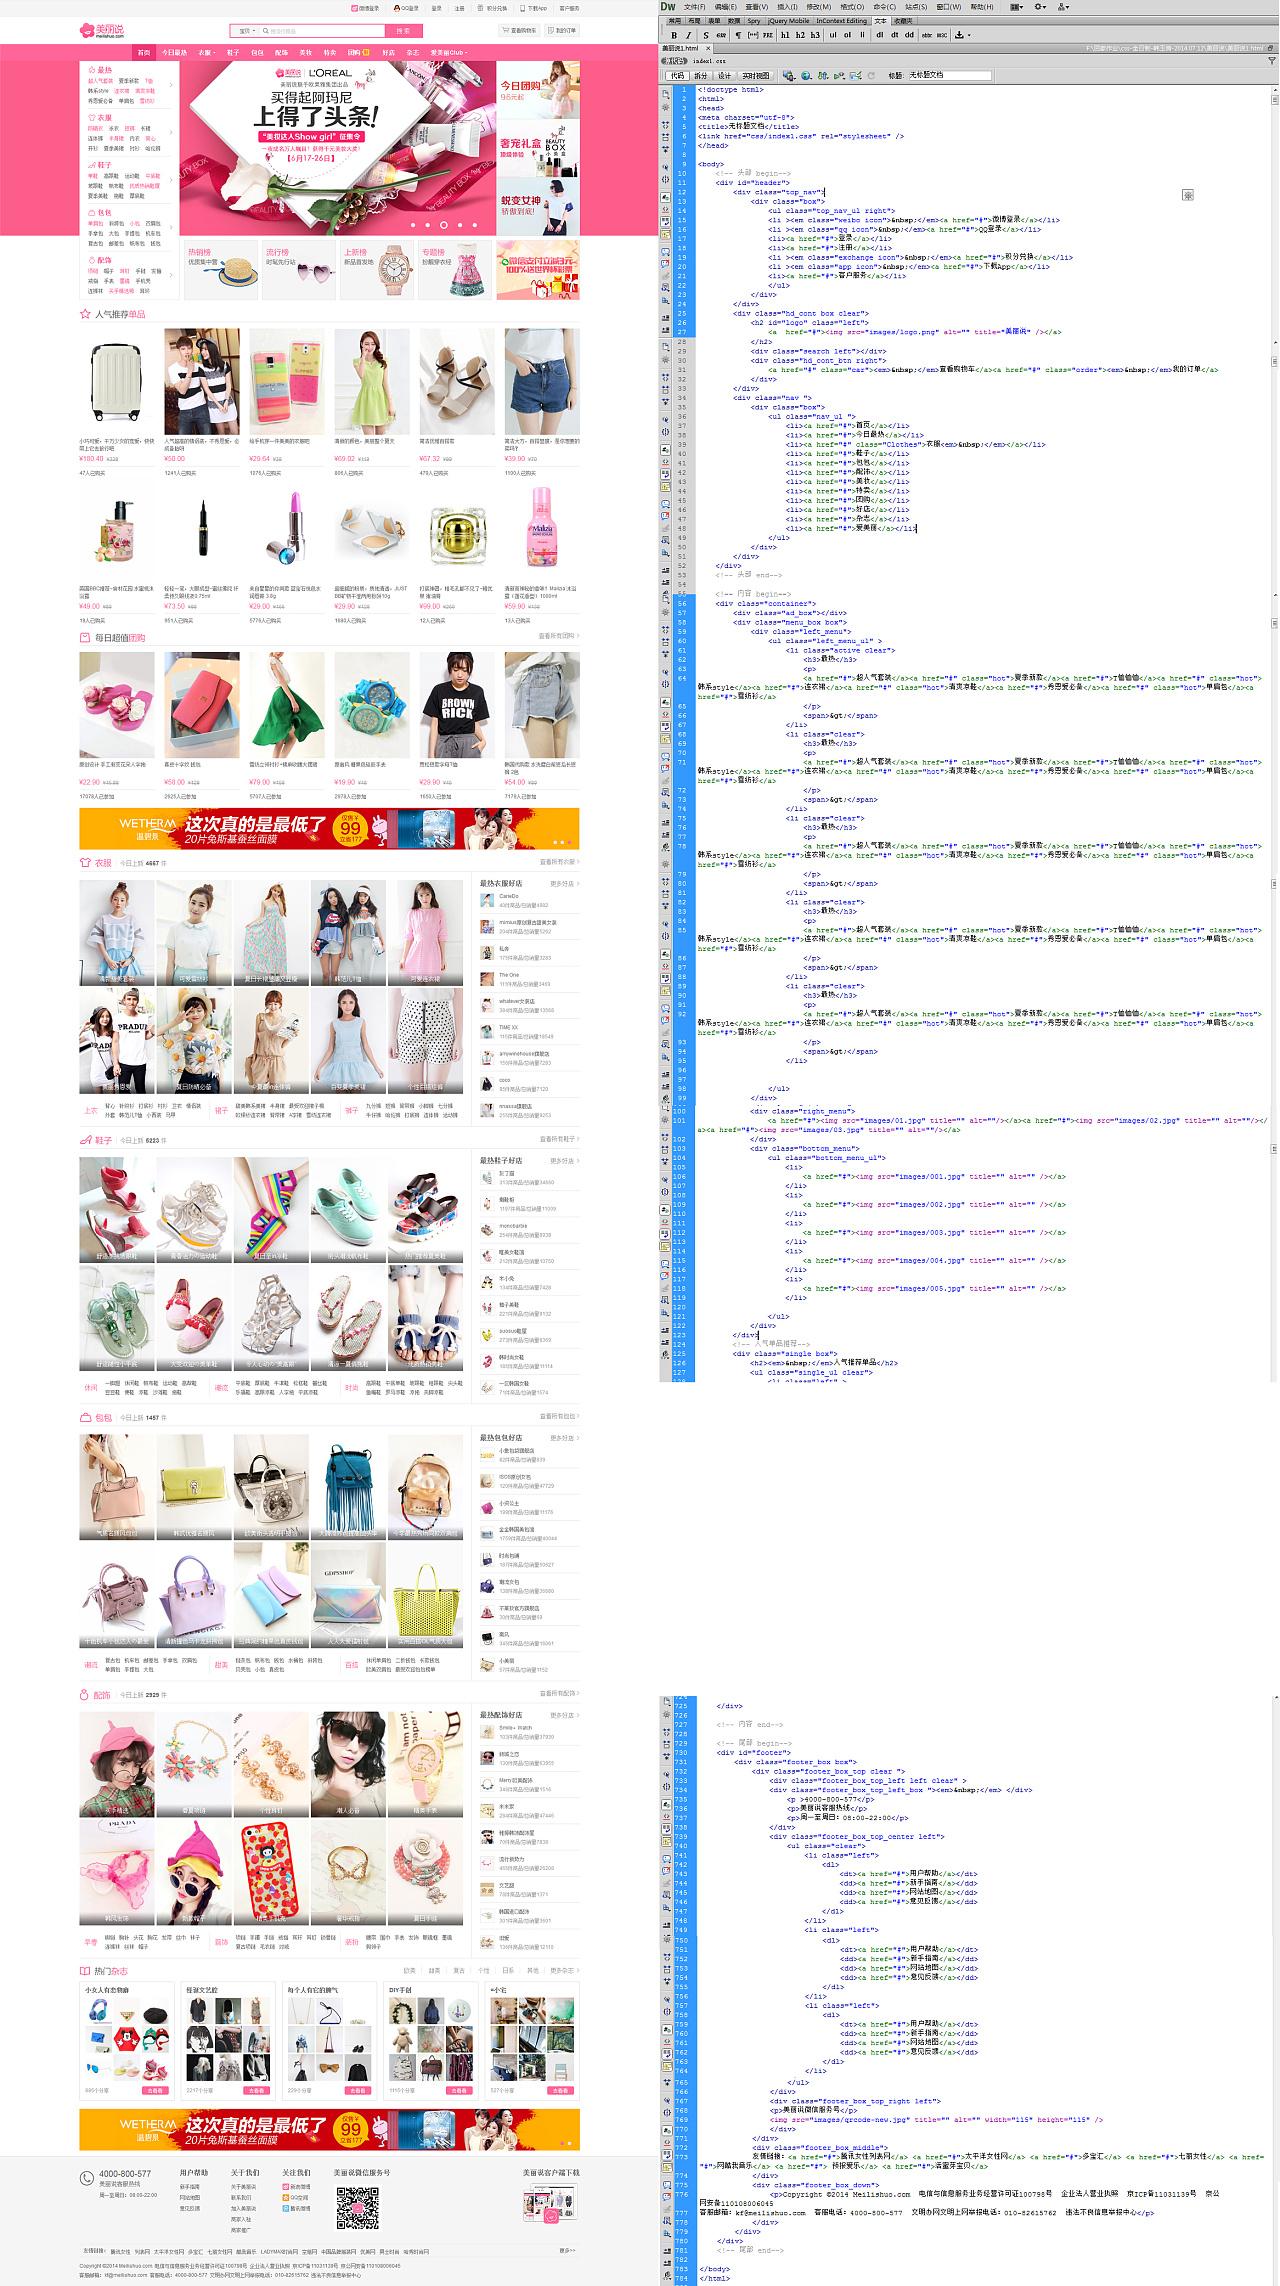 美丽说首页_美丽说|网页|电商|设计师_阿玉 - 原创作品 - 站酷 (ZCOOL)